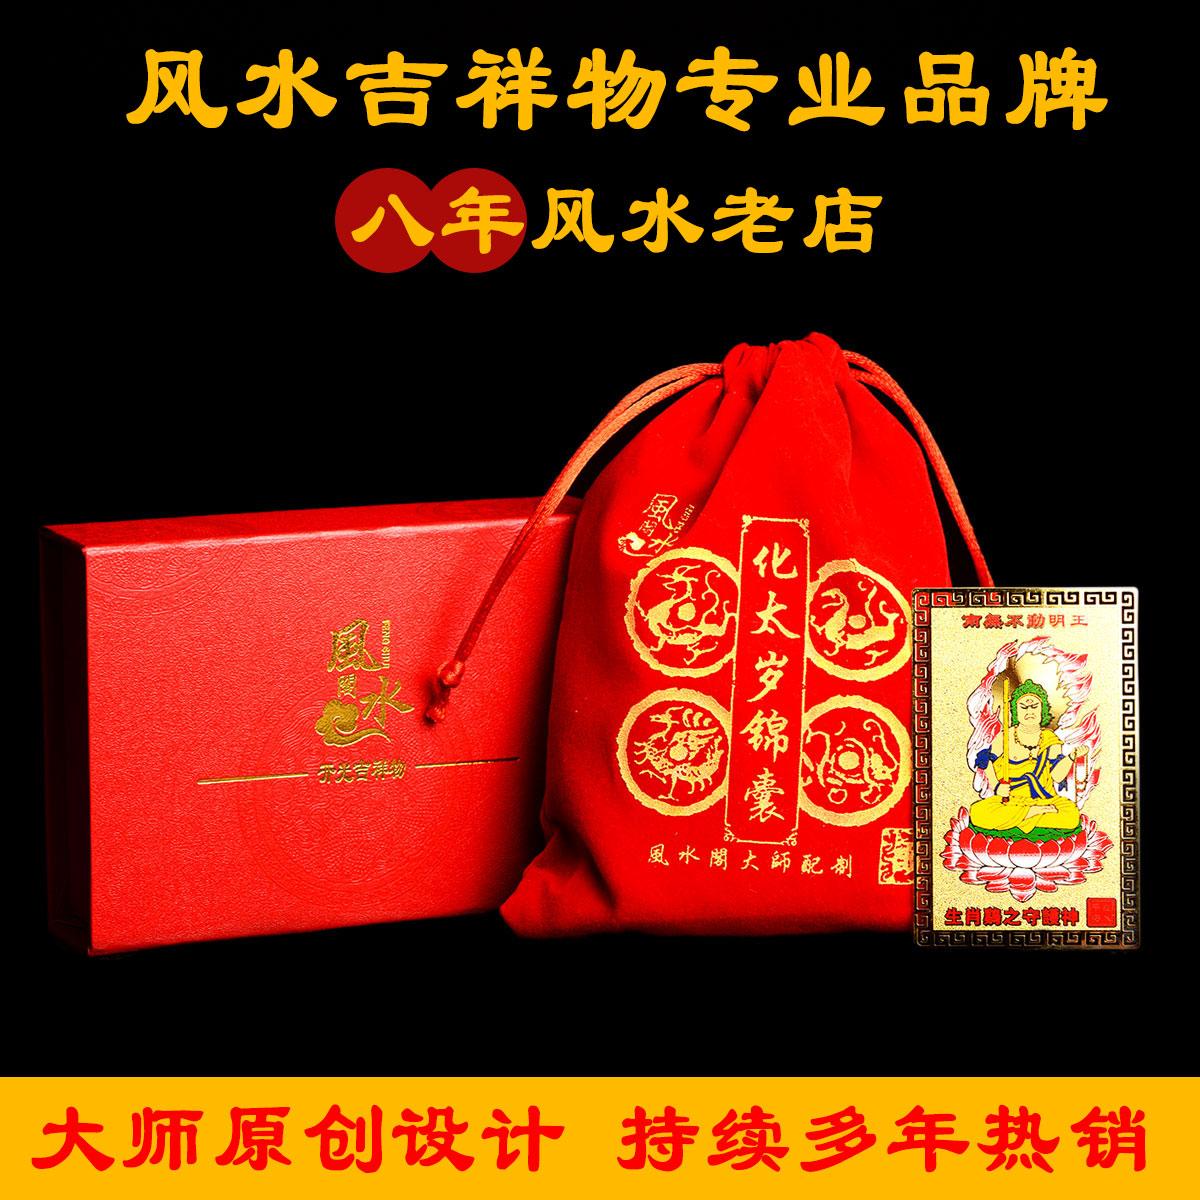 Декоративные украшения Feng Shui Court 12703 2017